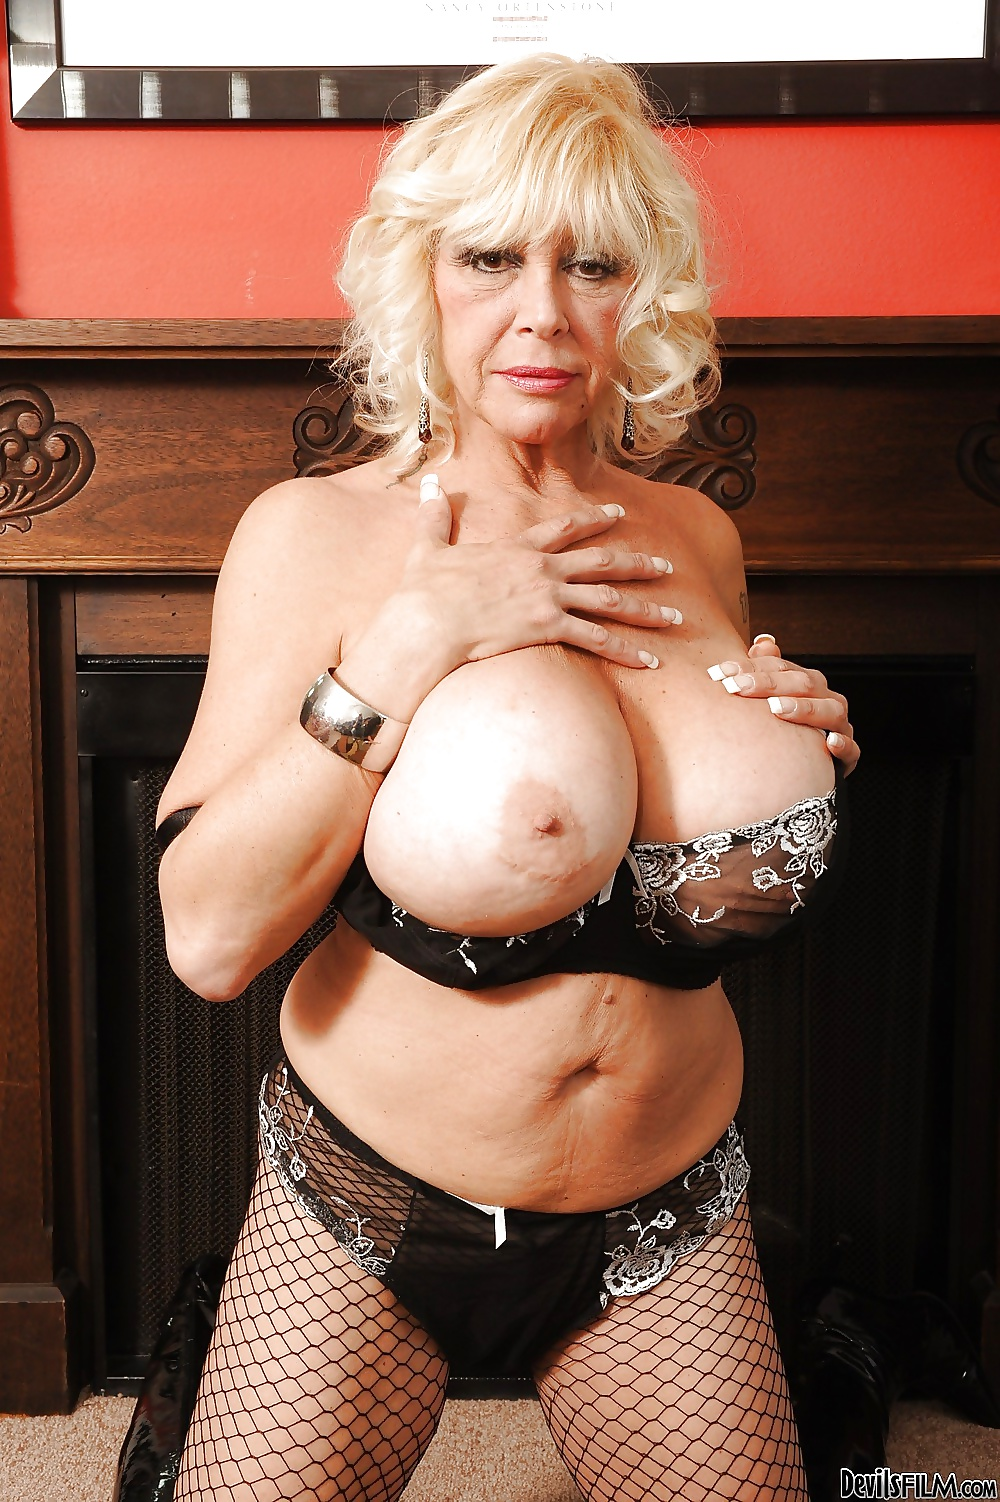 Mature bbw huge tits dirty talk